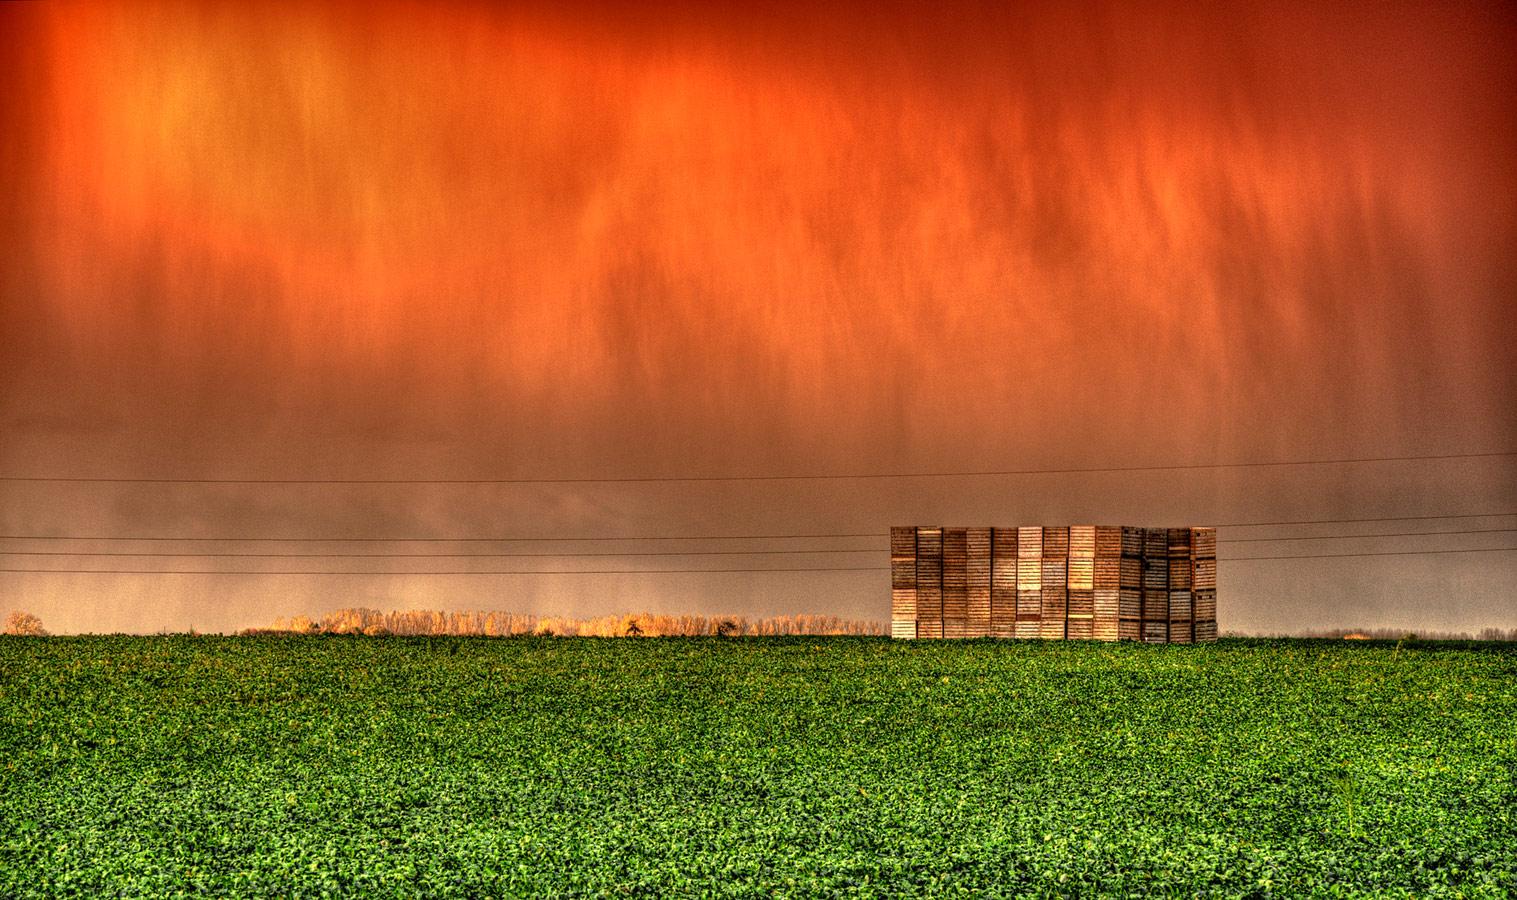 Изменения климата, © Пол Ф. Гиллард, Ханнут, Бельгия, Финалист категории «Пейзажи» : Любитель, Конкурс фотографии «Перспективы» — Perspectives PhotoPlus Expo